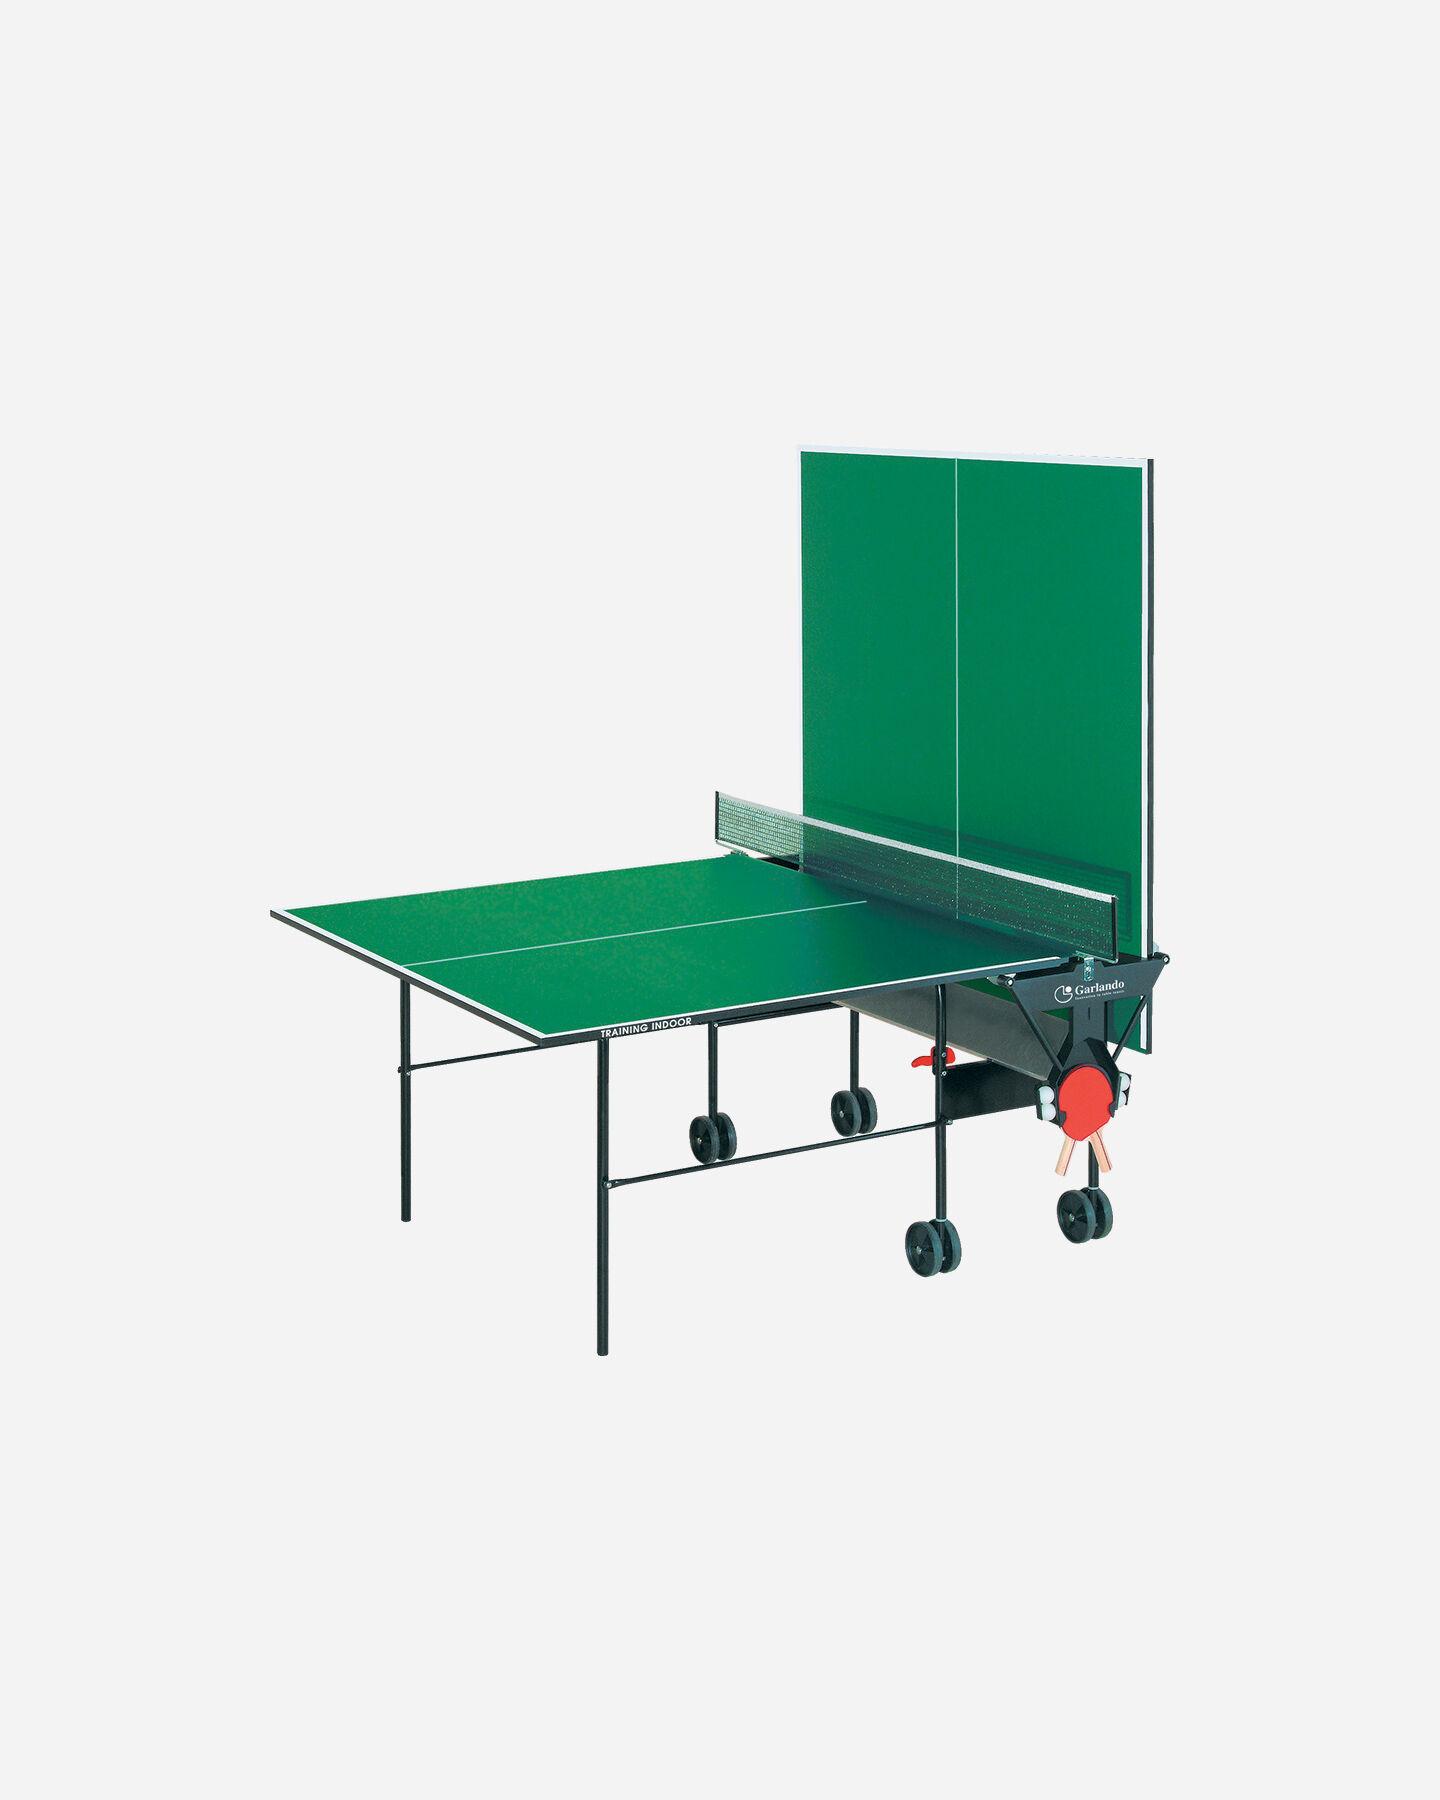 Tavolo ping pong GARLANDO TRAINING INDOOR S1179975|1|UNI scatto 1